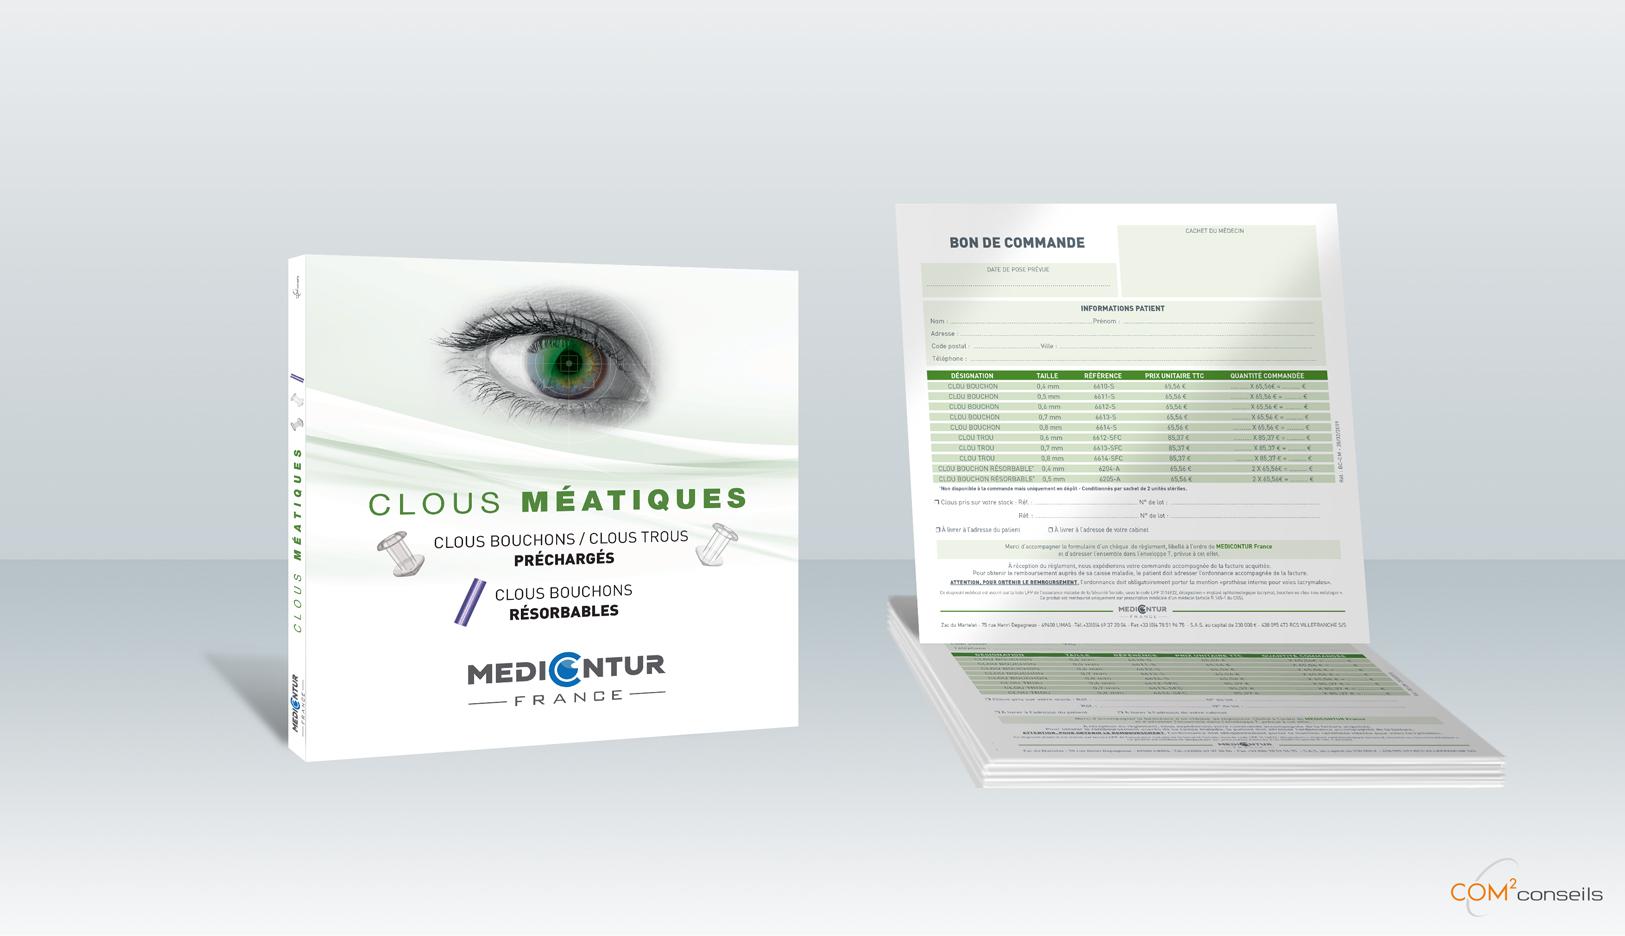 Medicontur-pochette-fiches-2019_1625